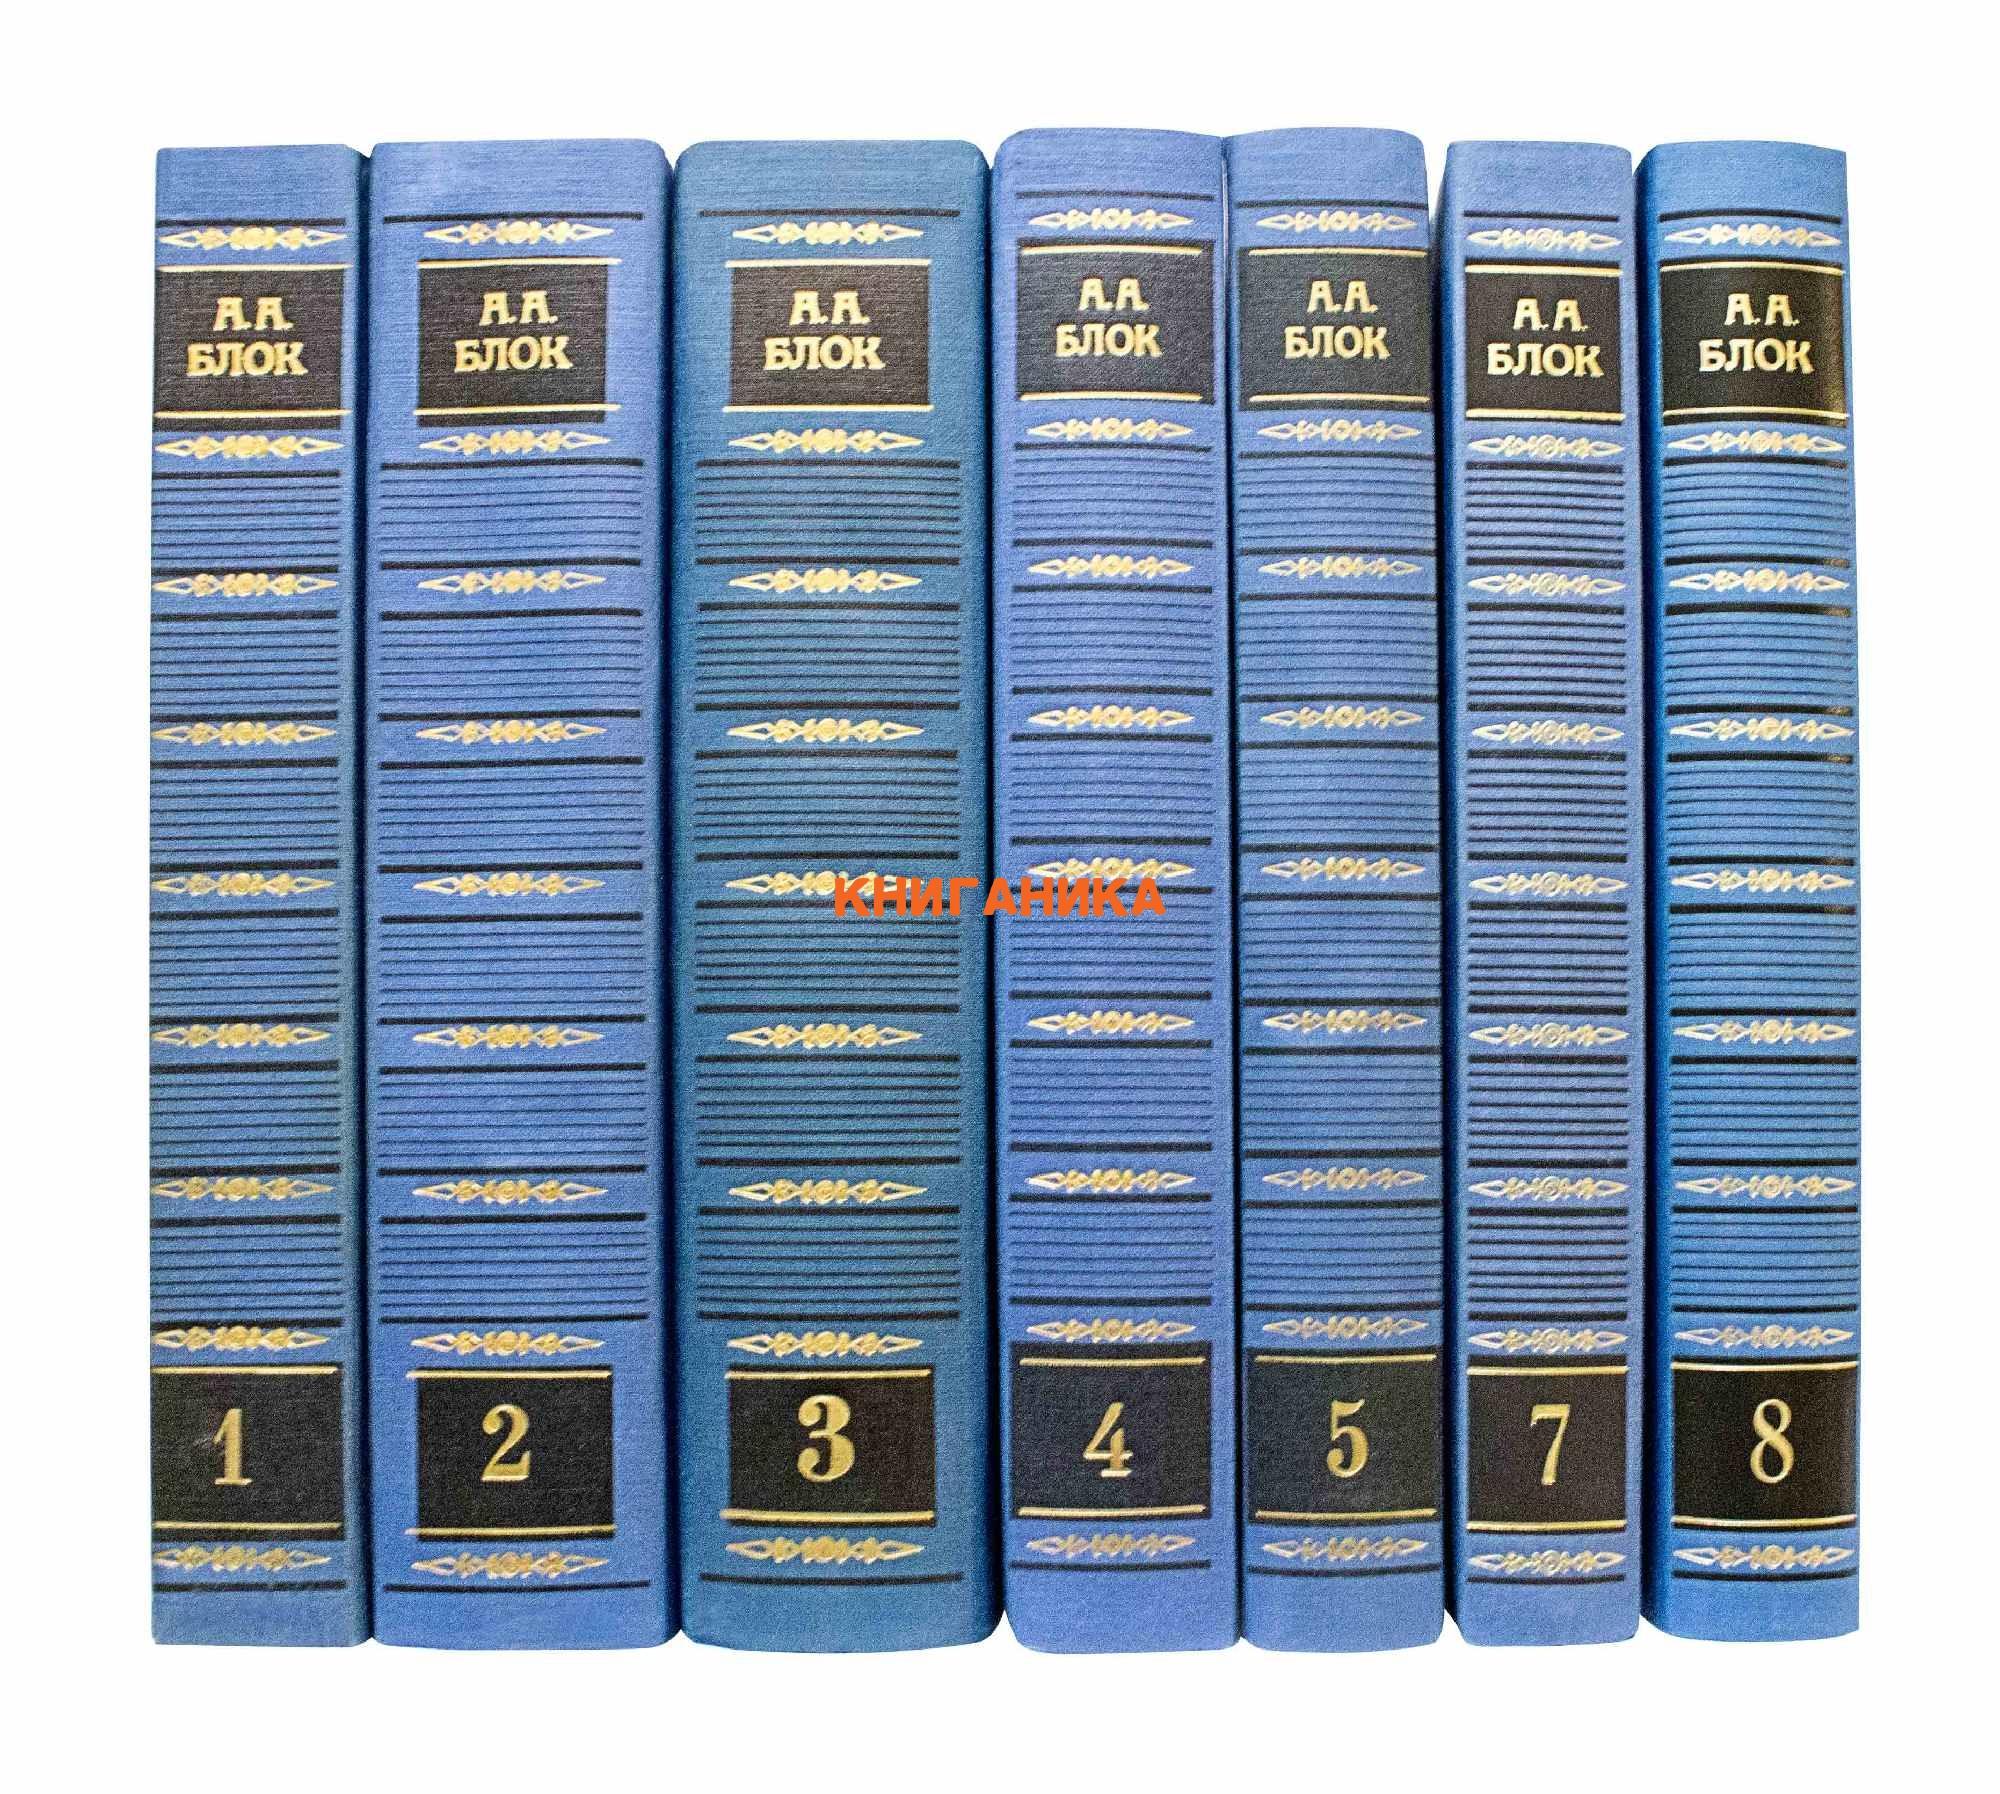 Шиллер Ф. Брокгауз Ефрон собрание сочинений в 4 томах